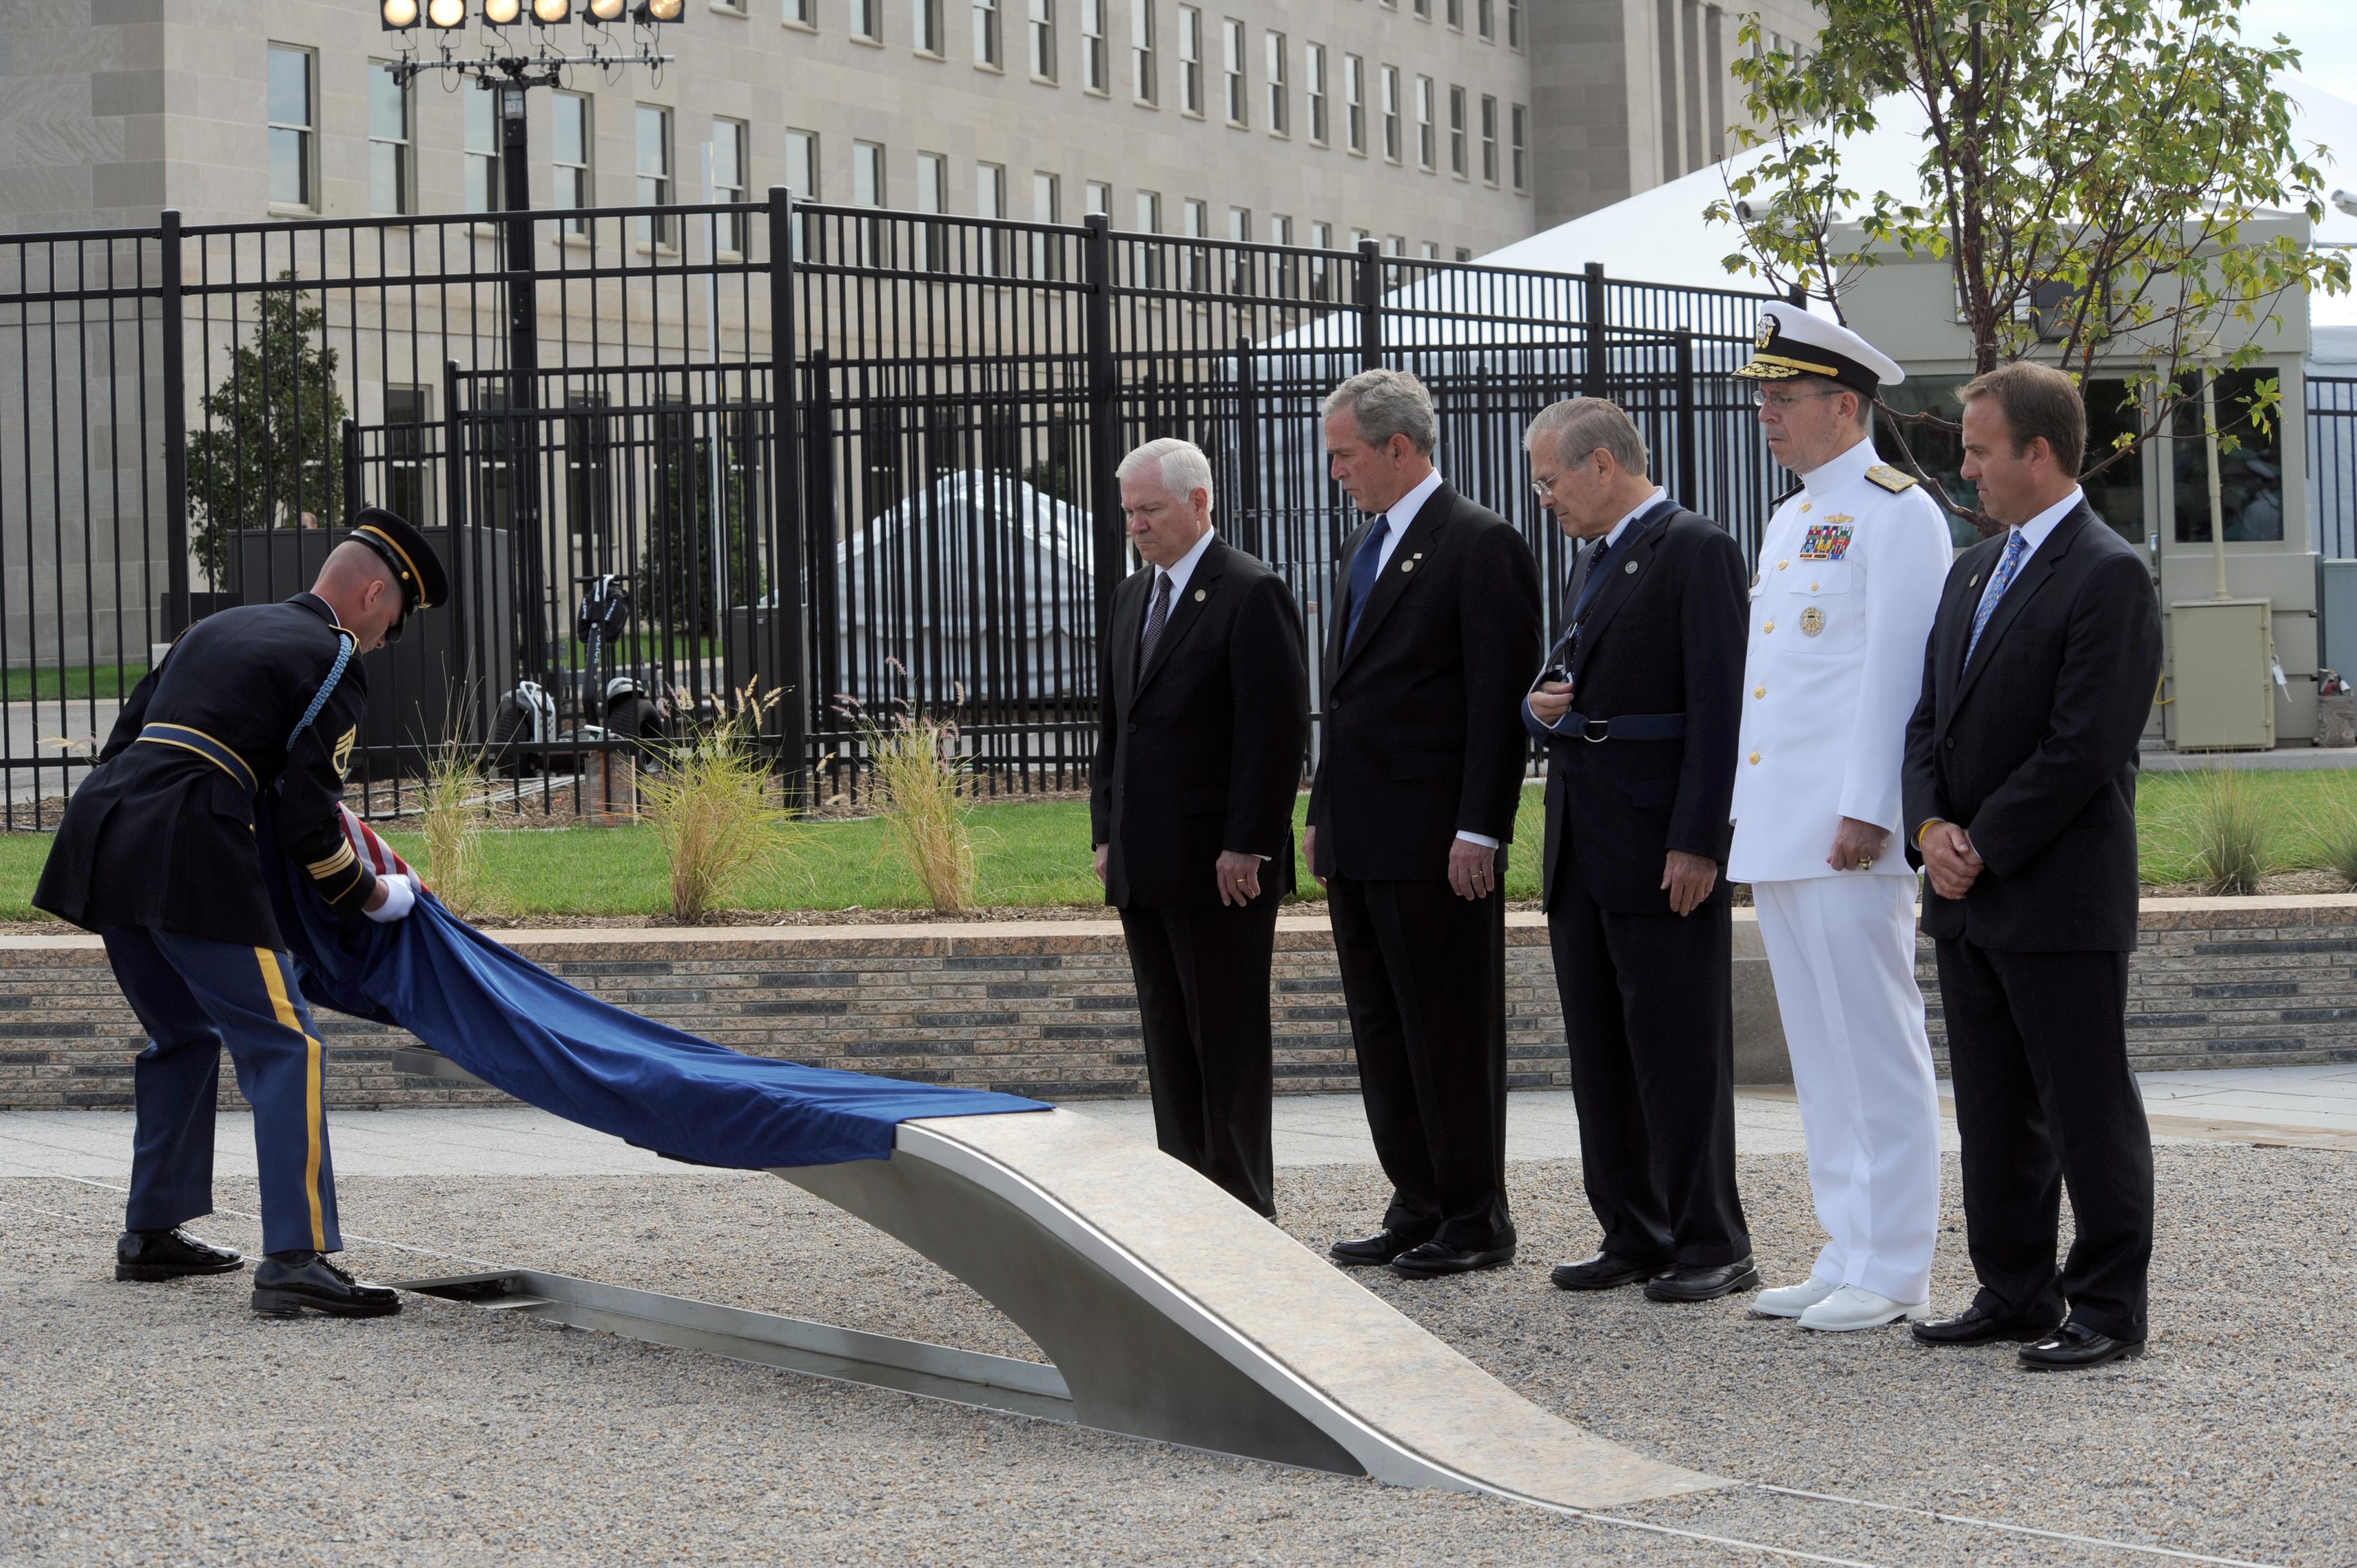 Pentagon City Memorial Day Hours